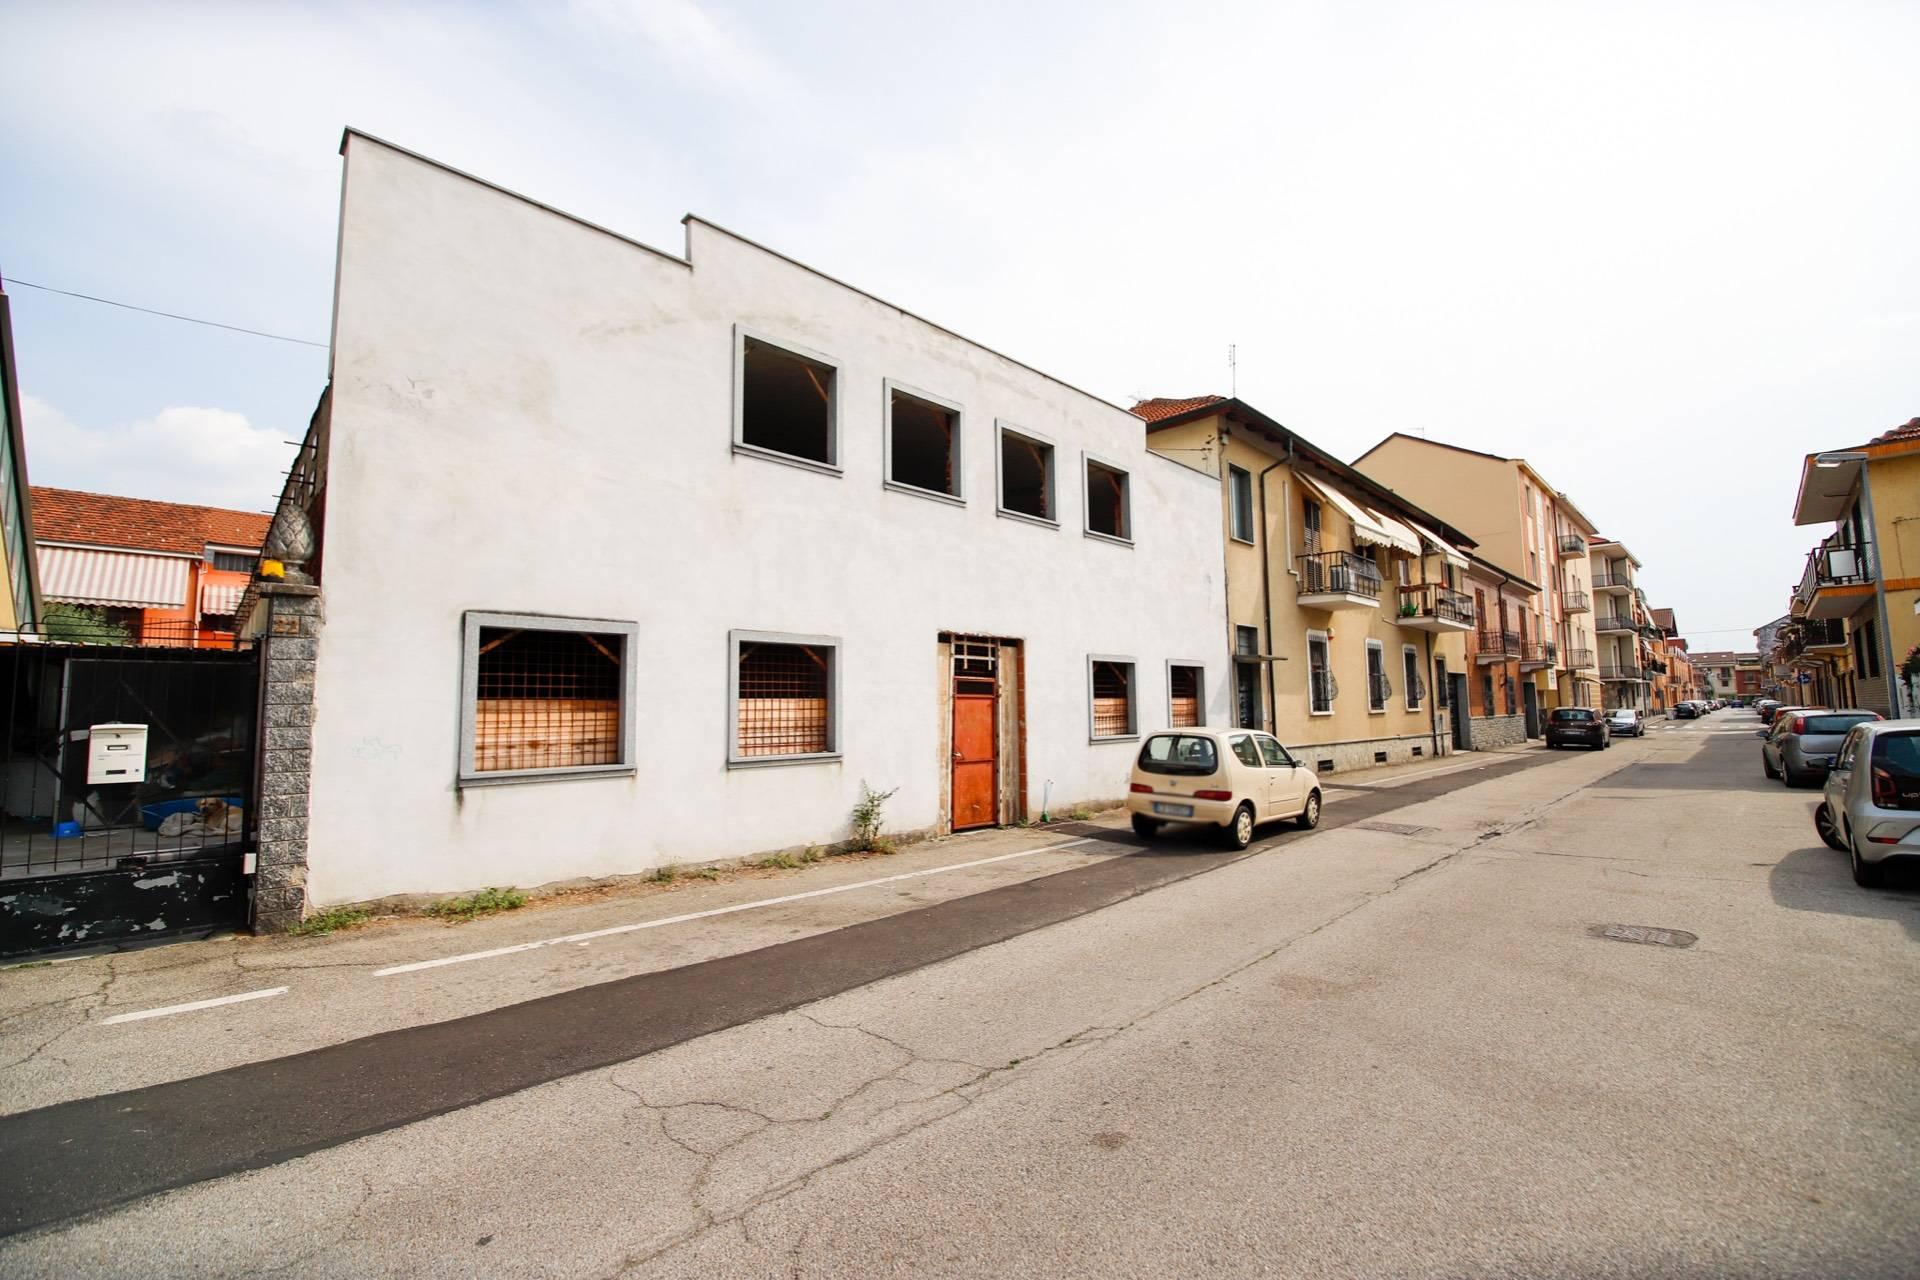 Negozio / Locale in affitto a Moncalieri, 9999 locali, zona Località: SanPietro, prezzo € 269.000   CambioCasa.it